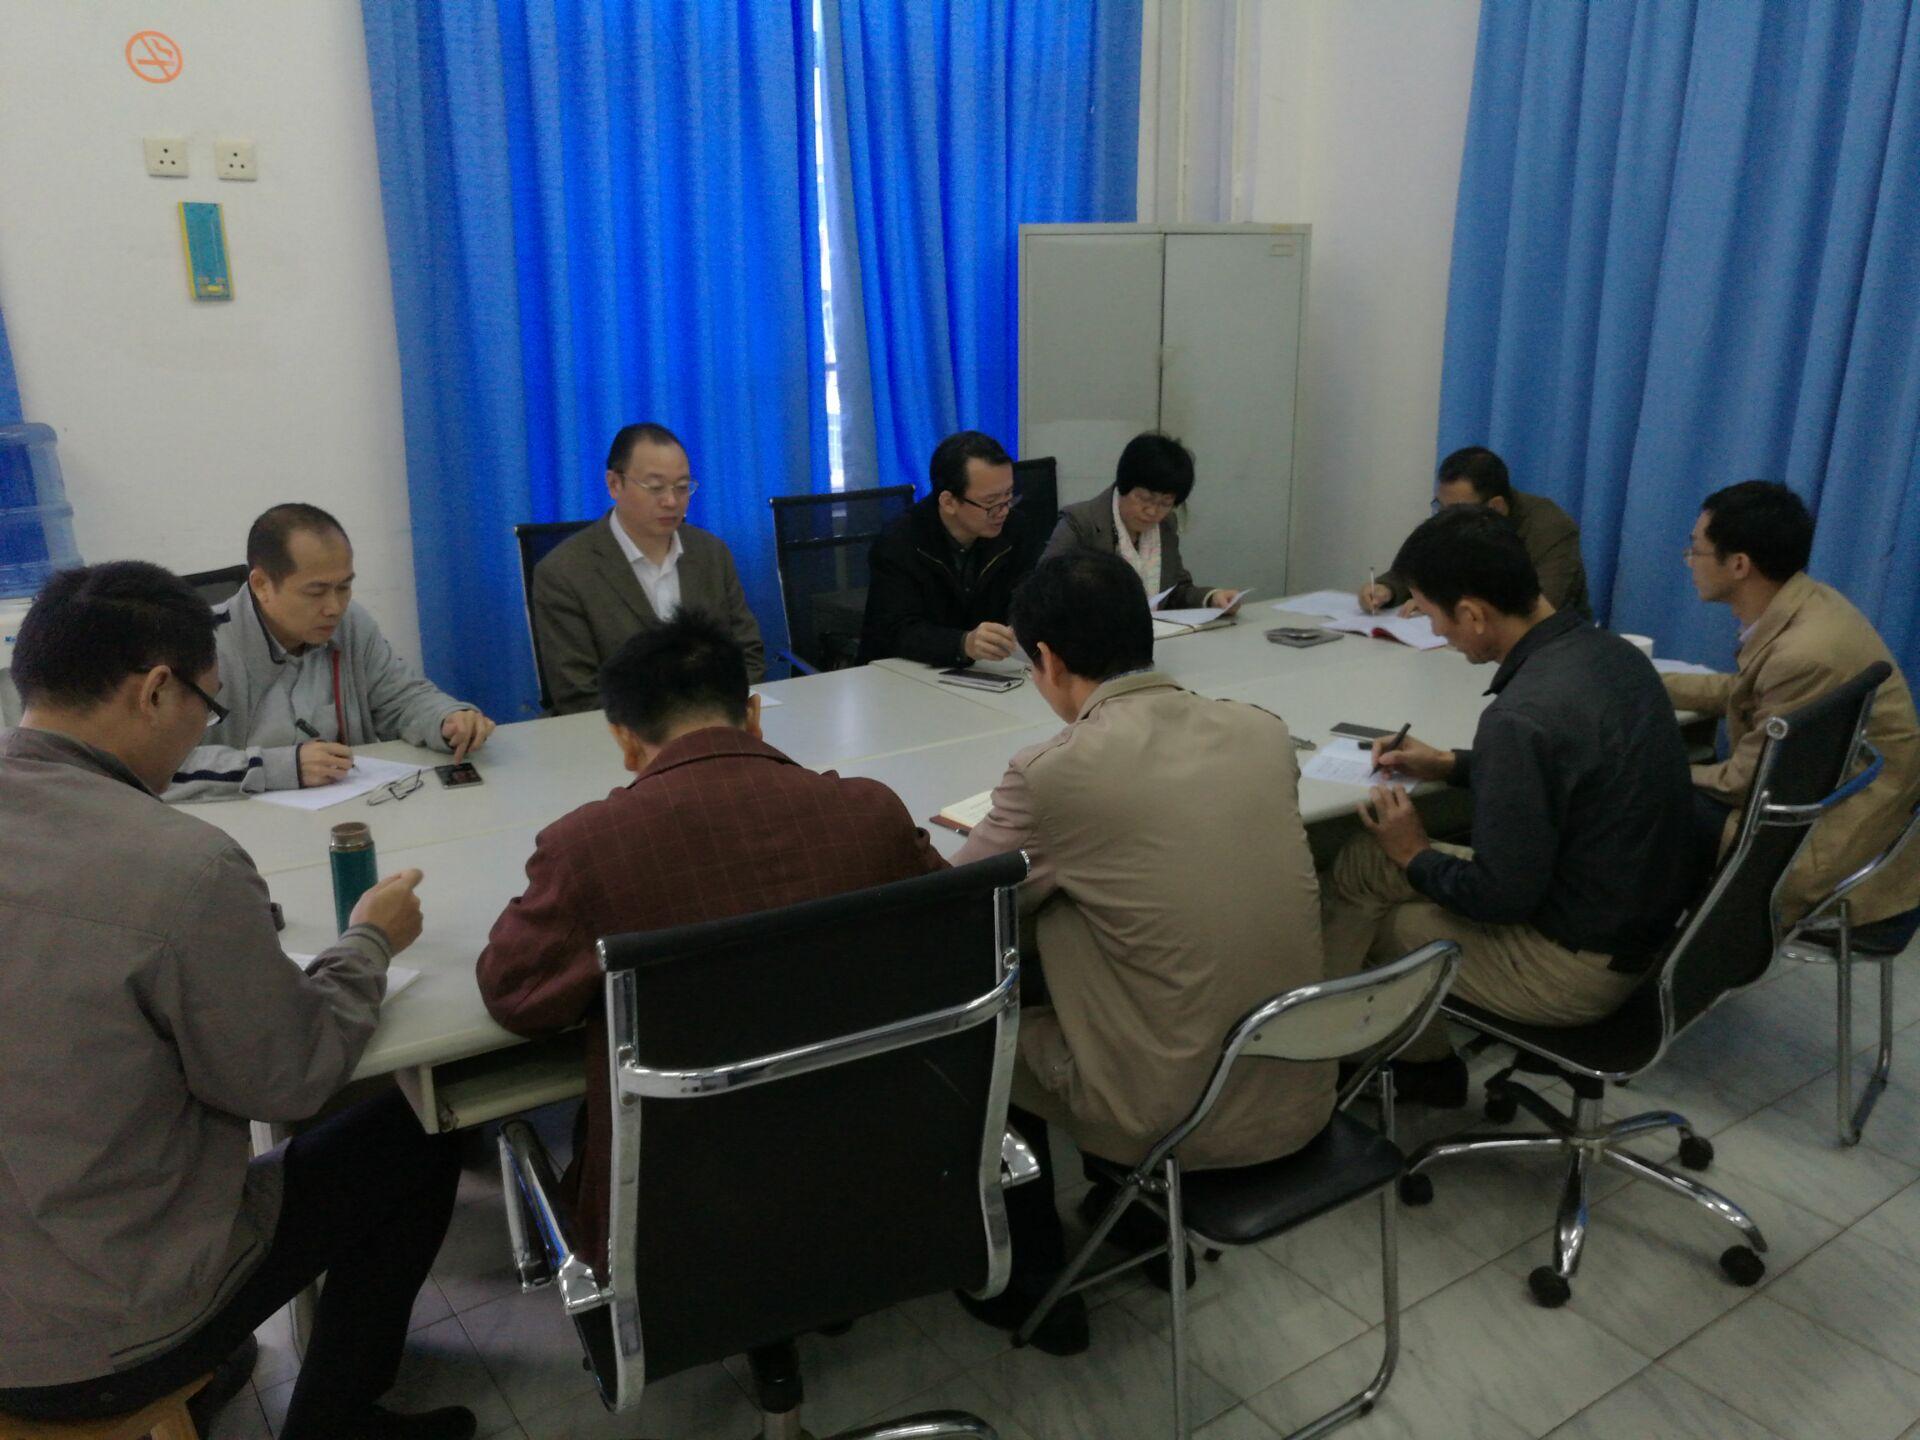 我院党委召开党员领导干部民主生活会